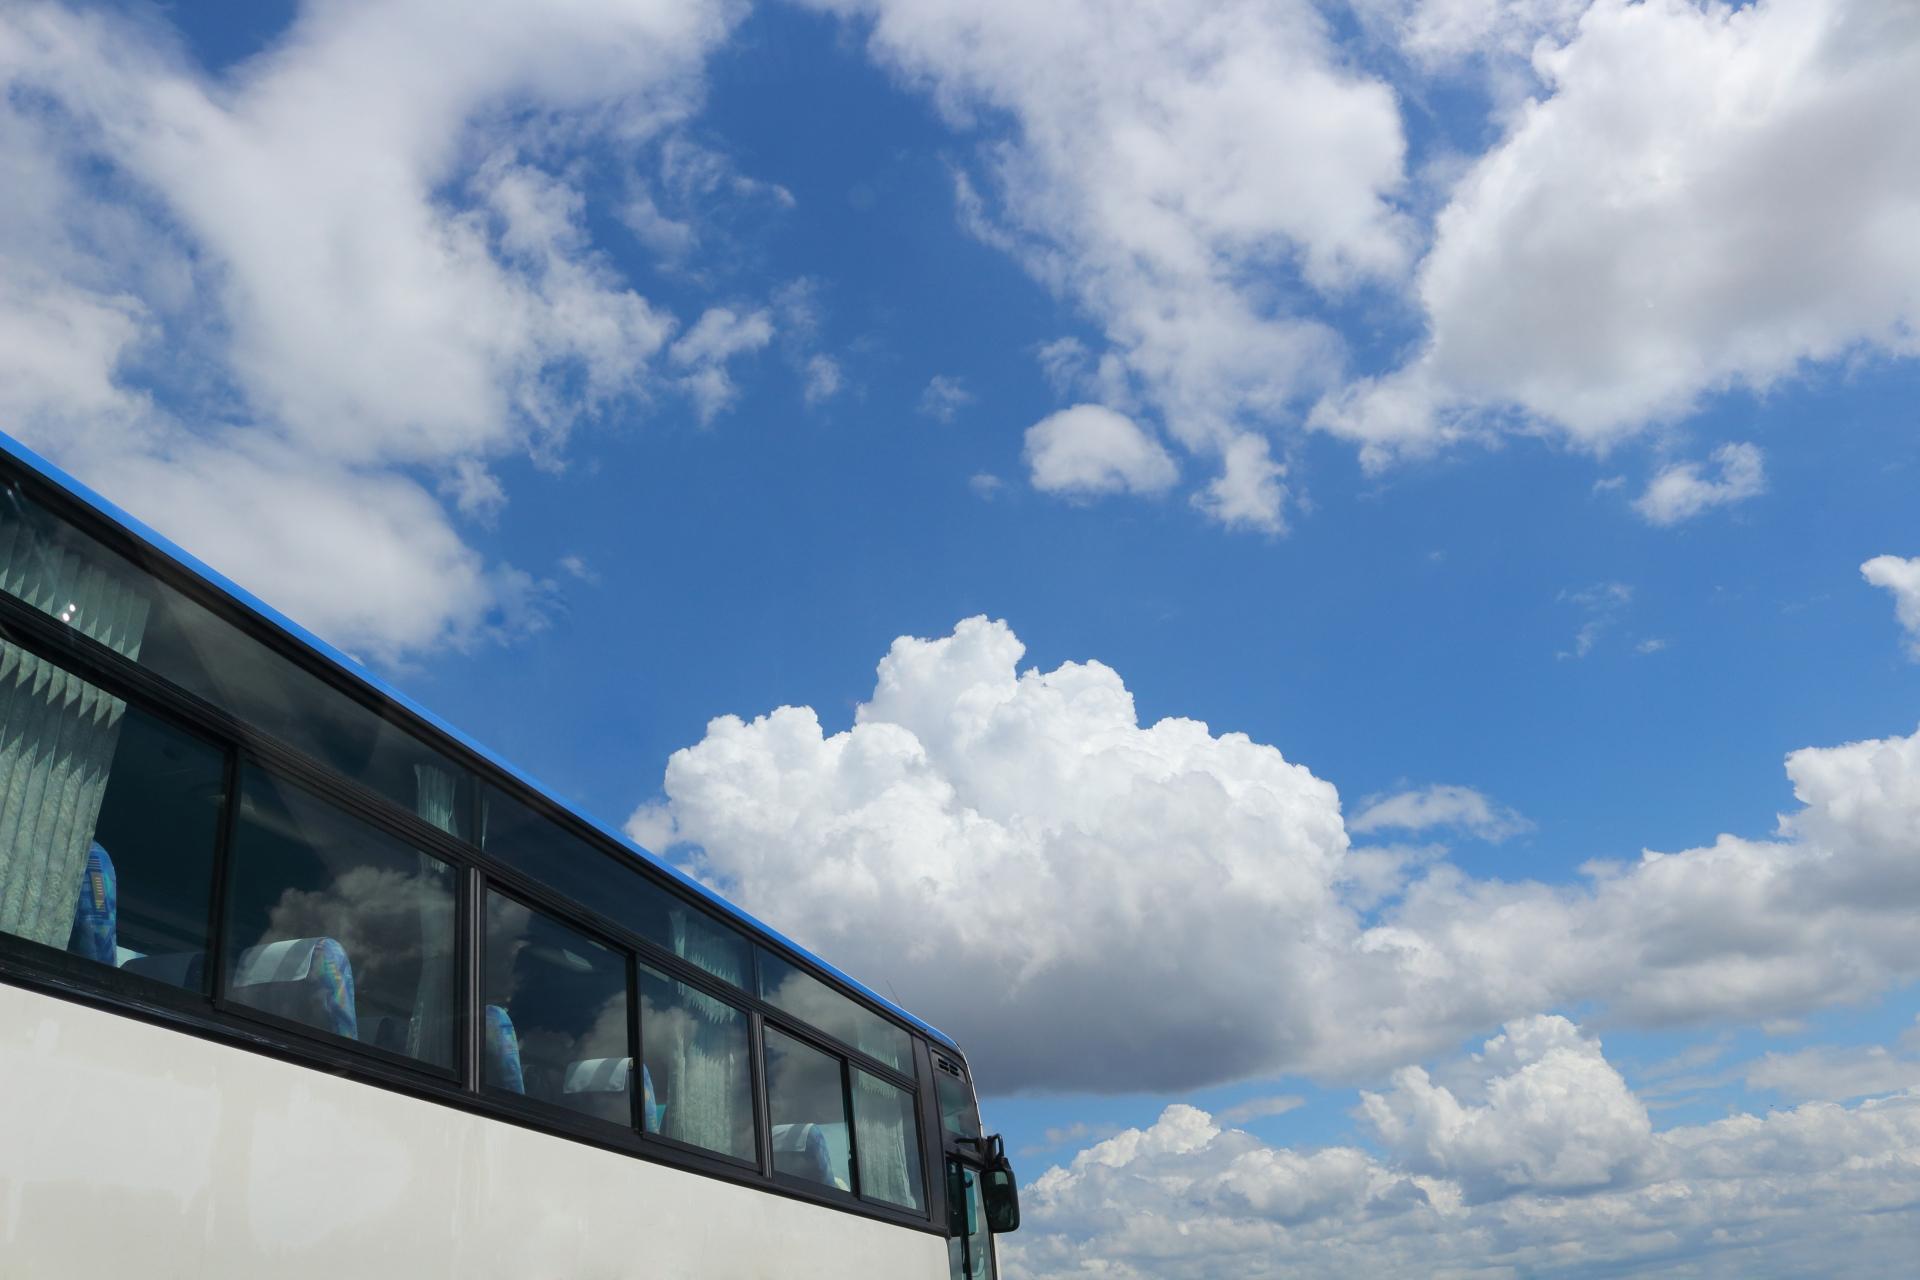 夜行バス利用の東京ディズニーシー(r)への旅!カップルの楽しみ方